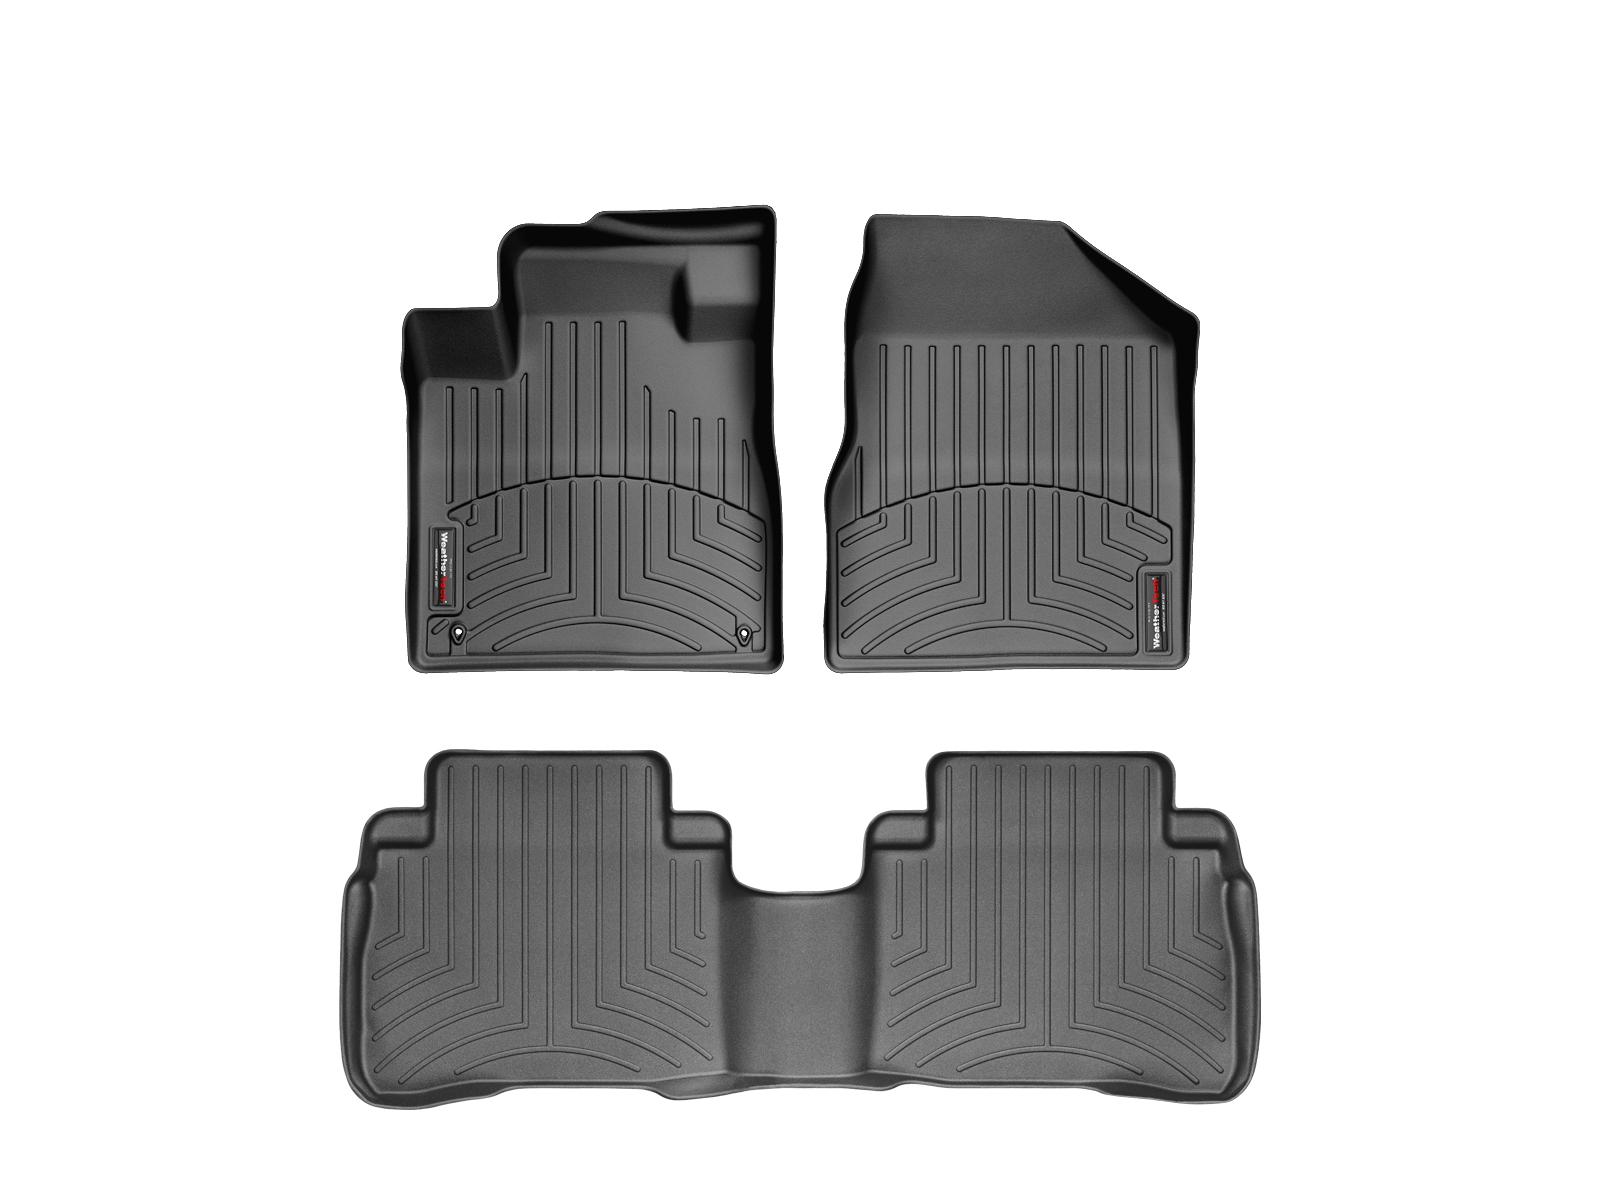 Tappeti gomma su misura bordo alto Nissan Murano 08>14 Nero A2891